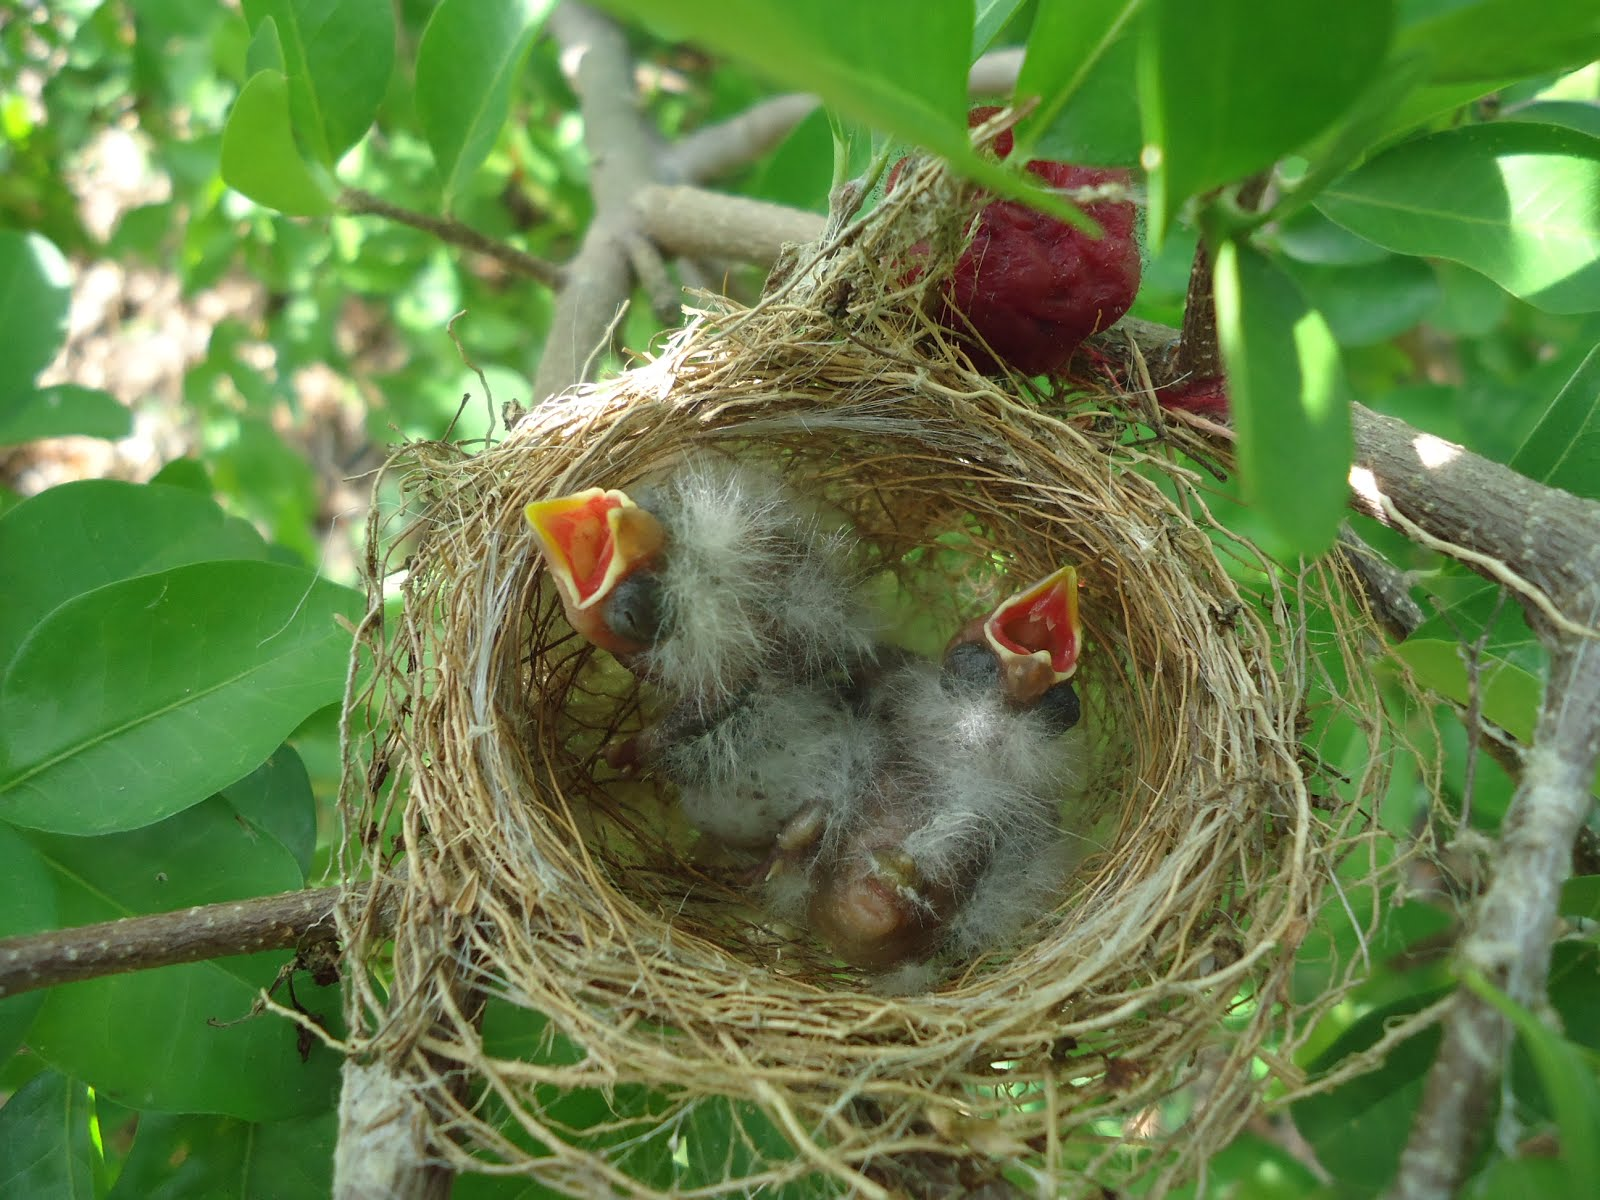 Filhotes de passarinho esperando alimentos